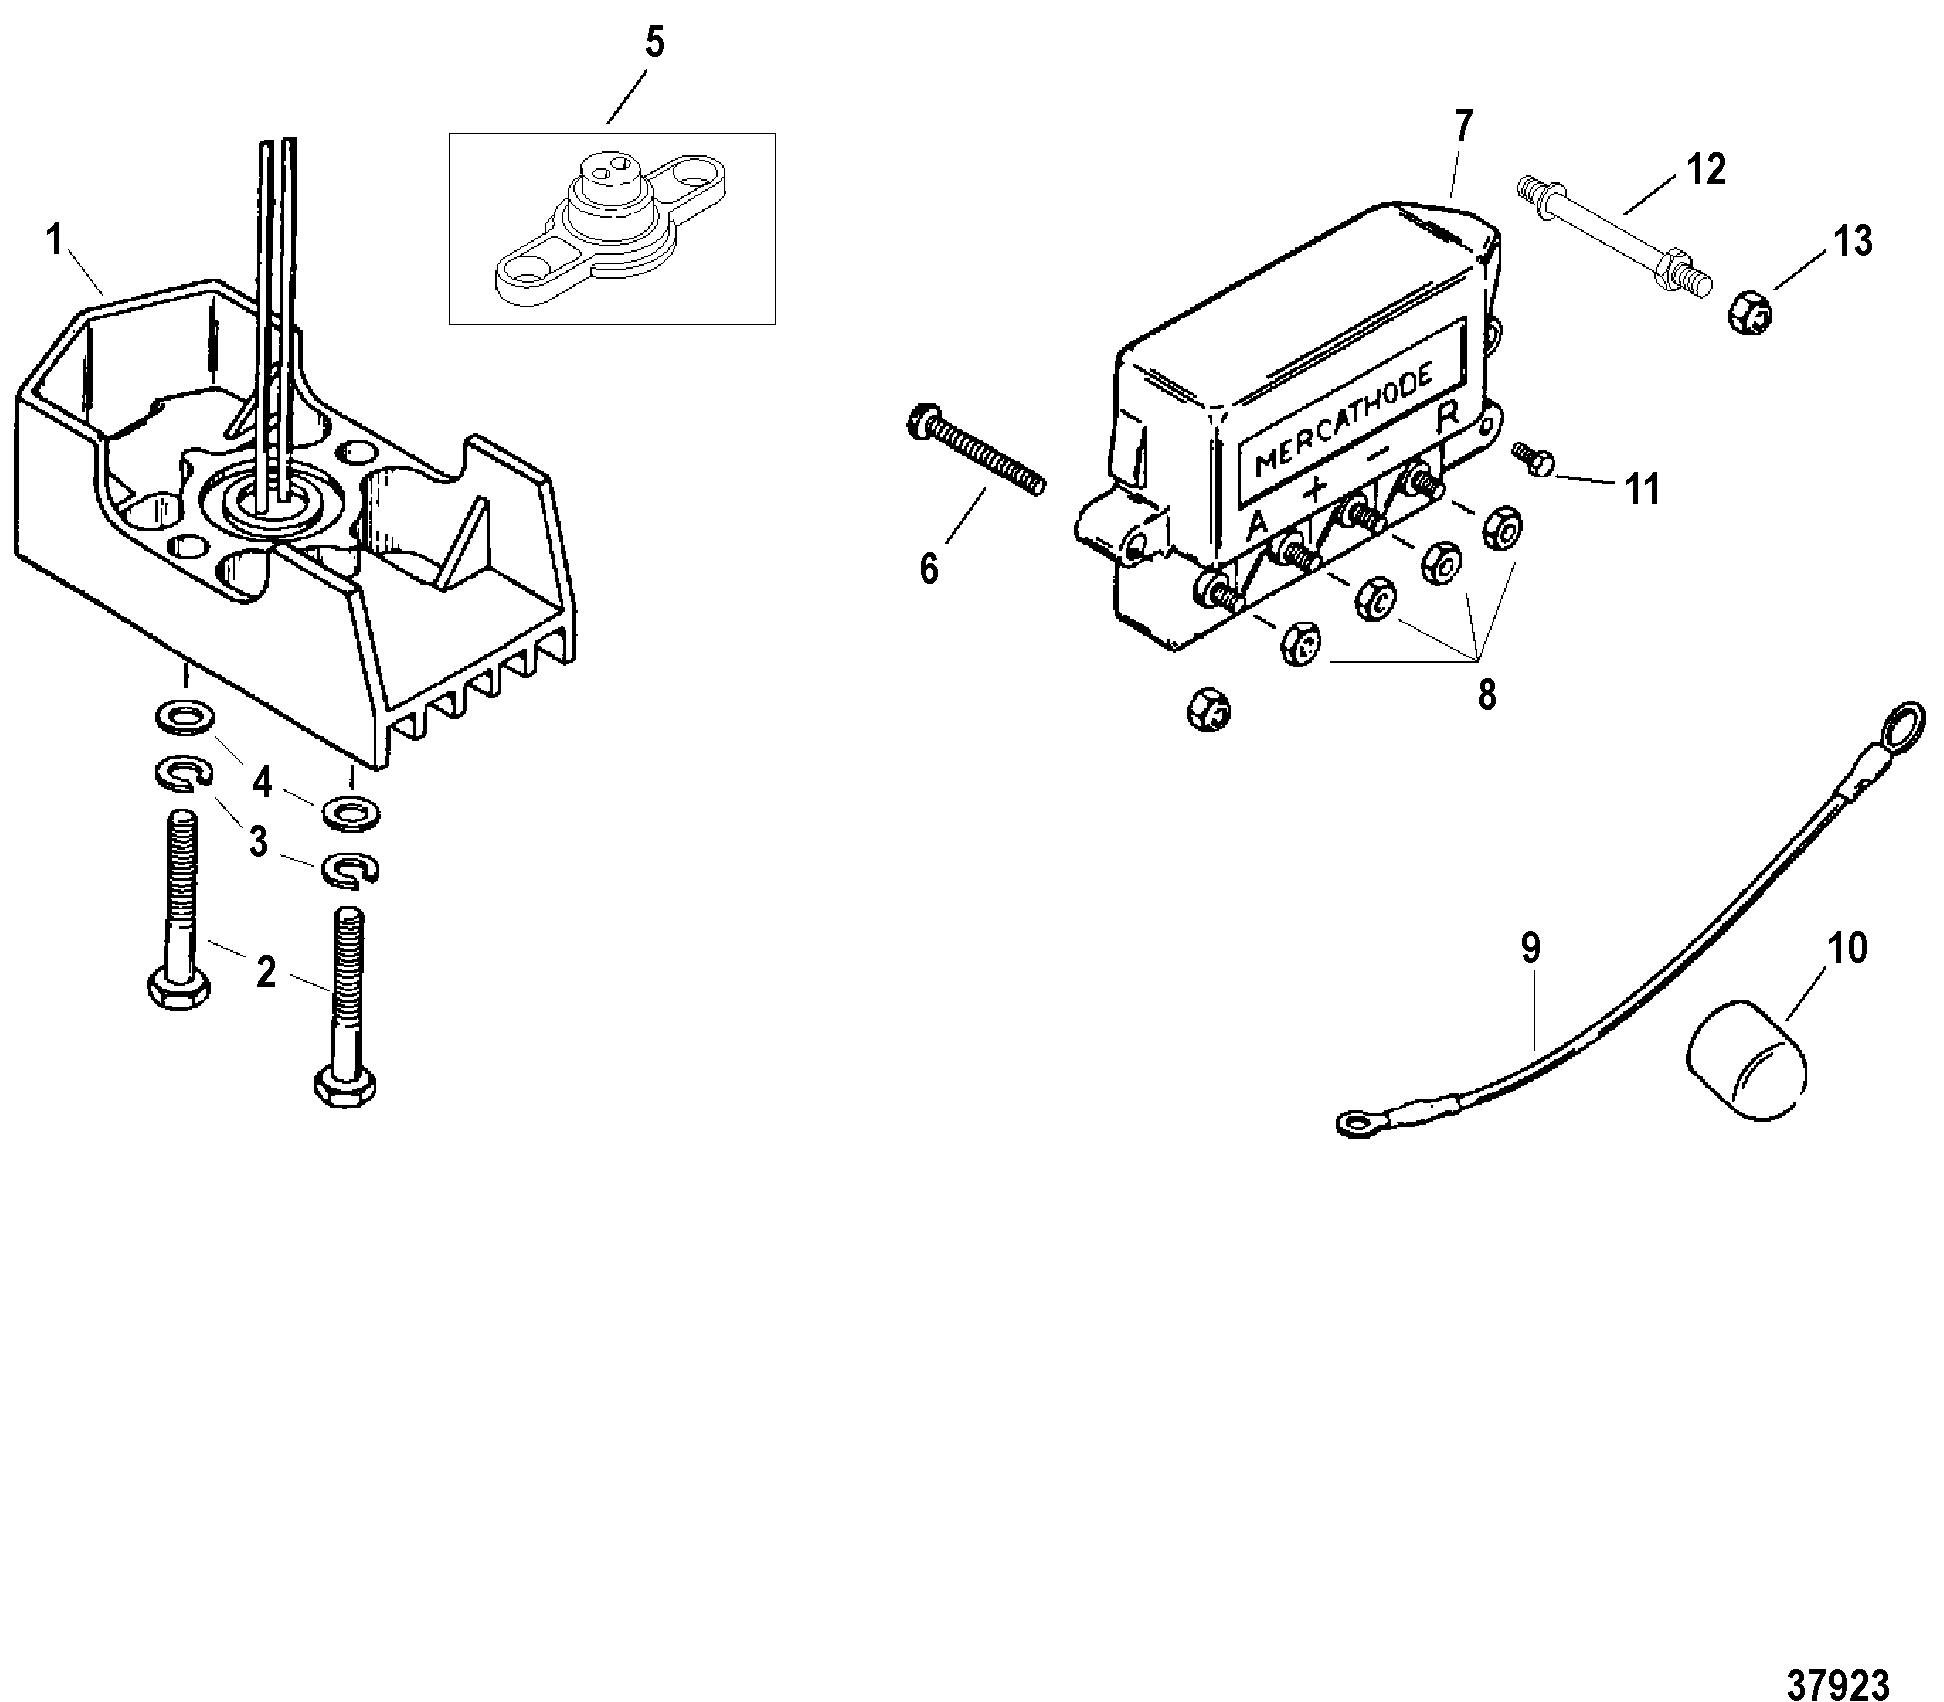 mercathode components for mercruiser 7 4l bravo i  ii  iii